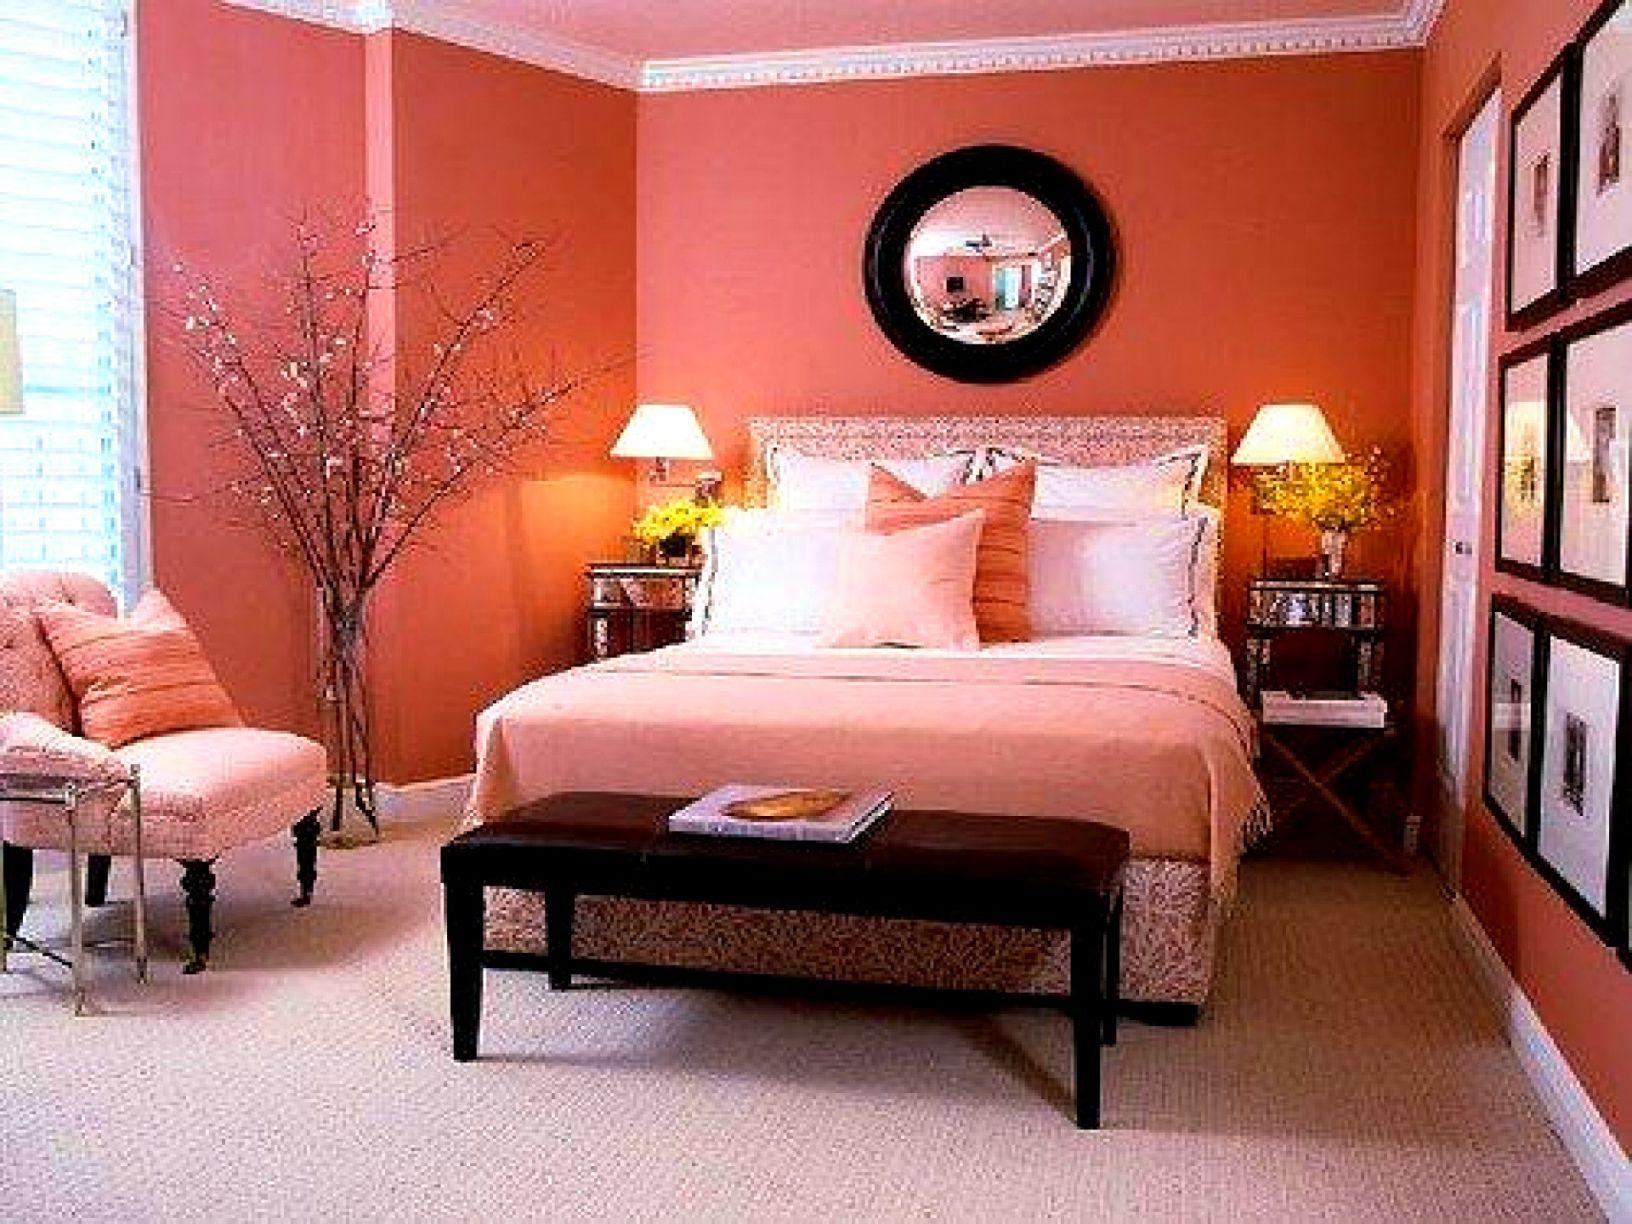 erwachsenen schlafzimmer ideen  schlafzimmer design